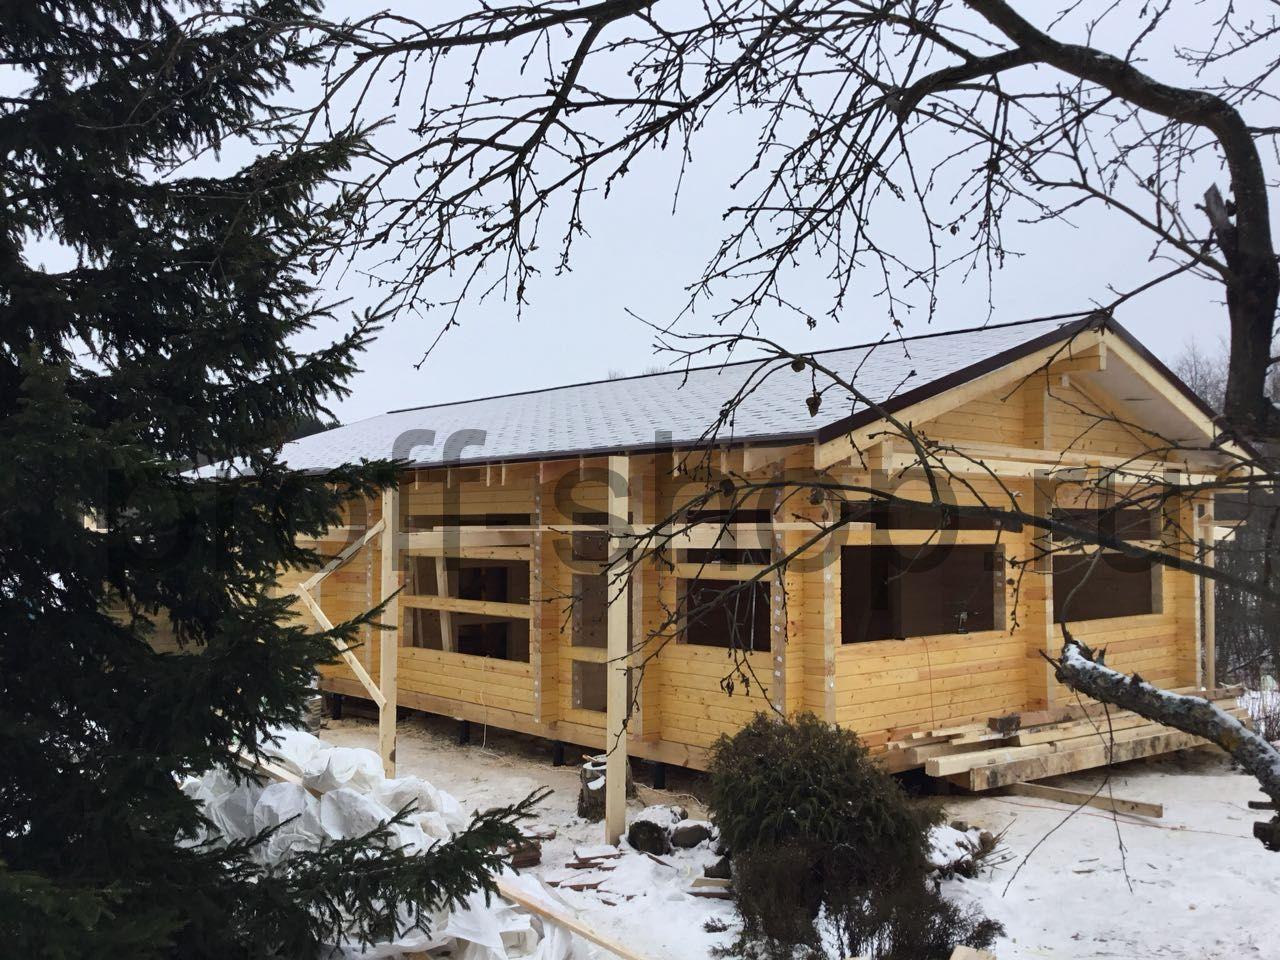 Обработка деревянного дома в зимнее время антисептиком Сигма-БИО